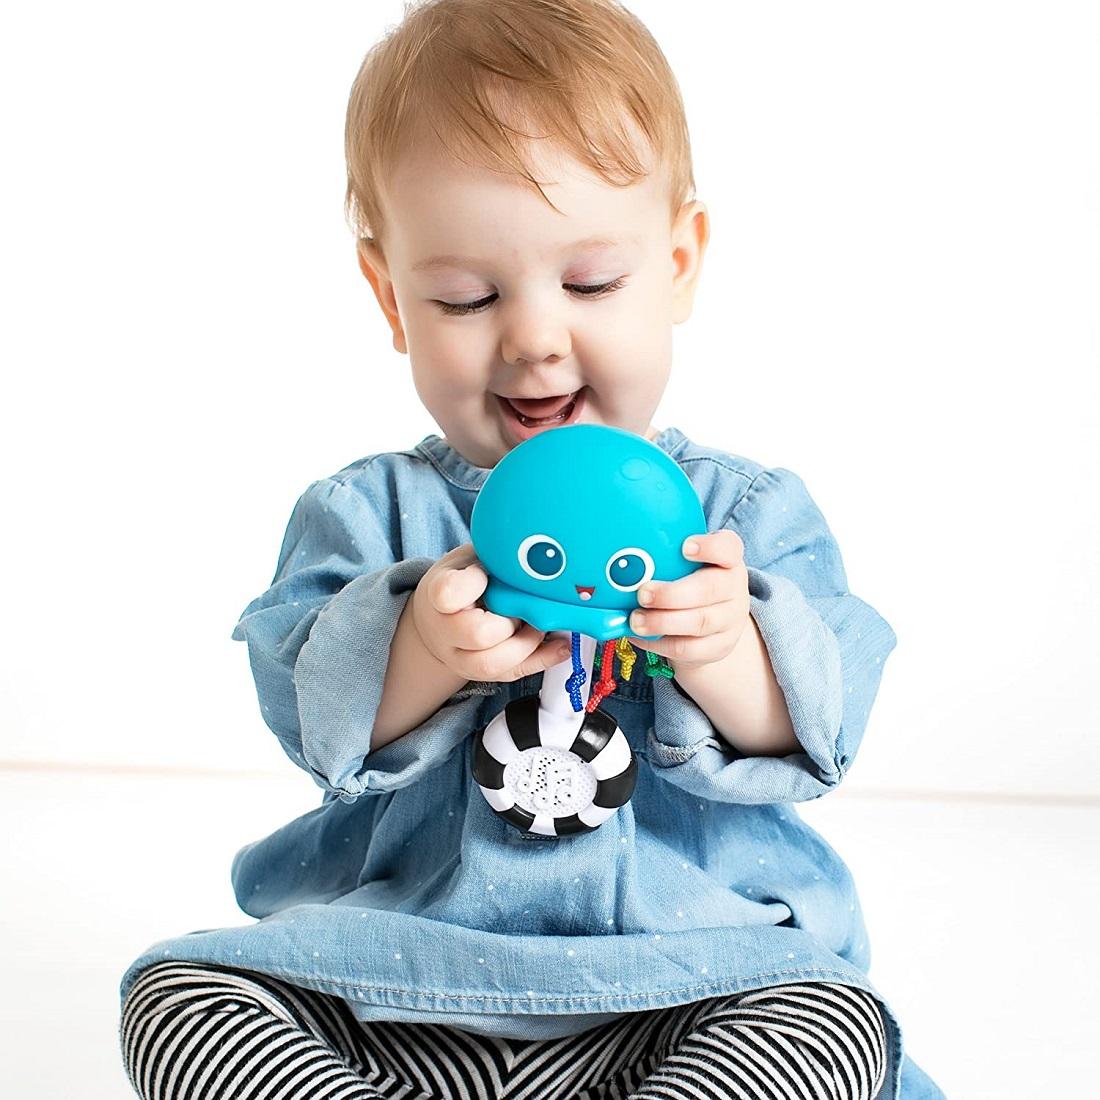 Музыкальная погремушка Осьминог Baby Einstein, Sensory Shaker, 0+ Months (оригинал США)